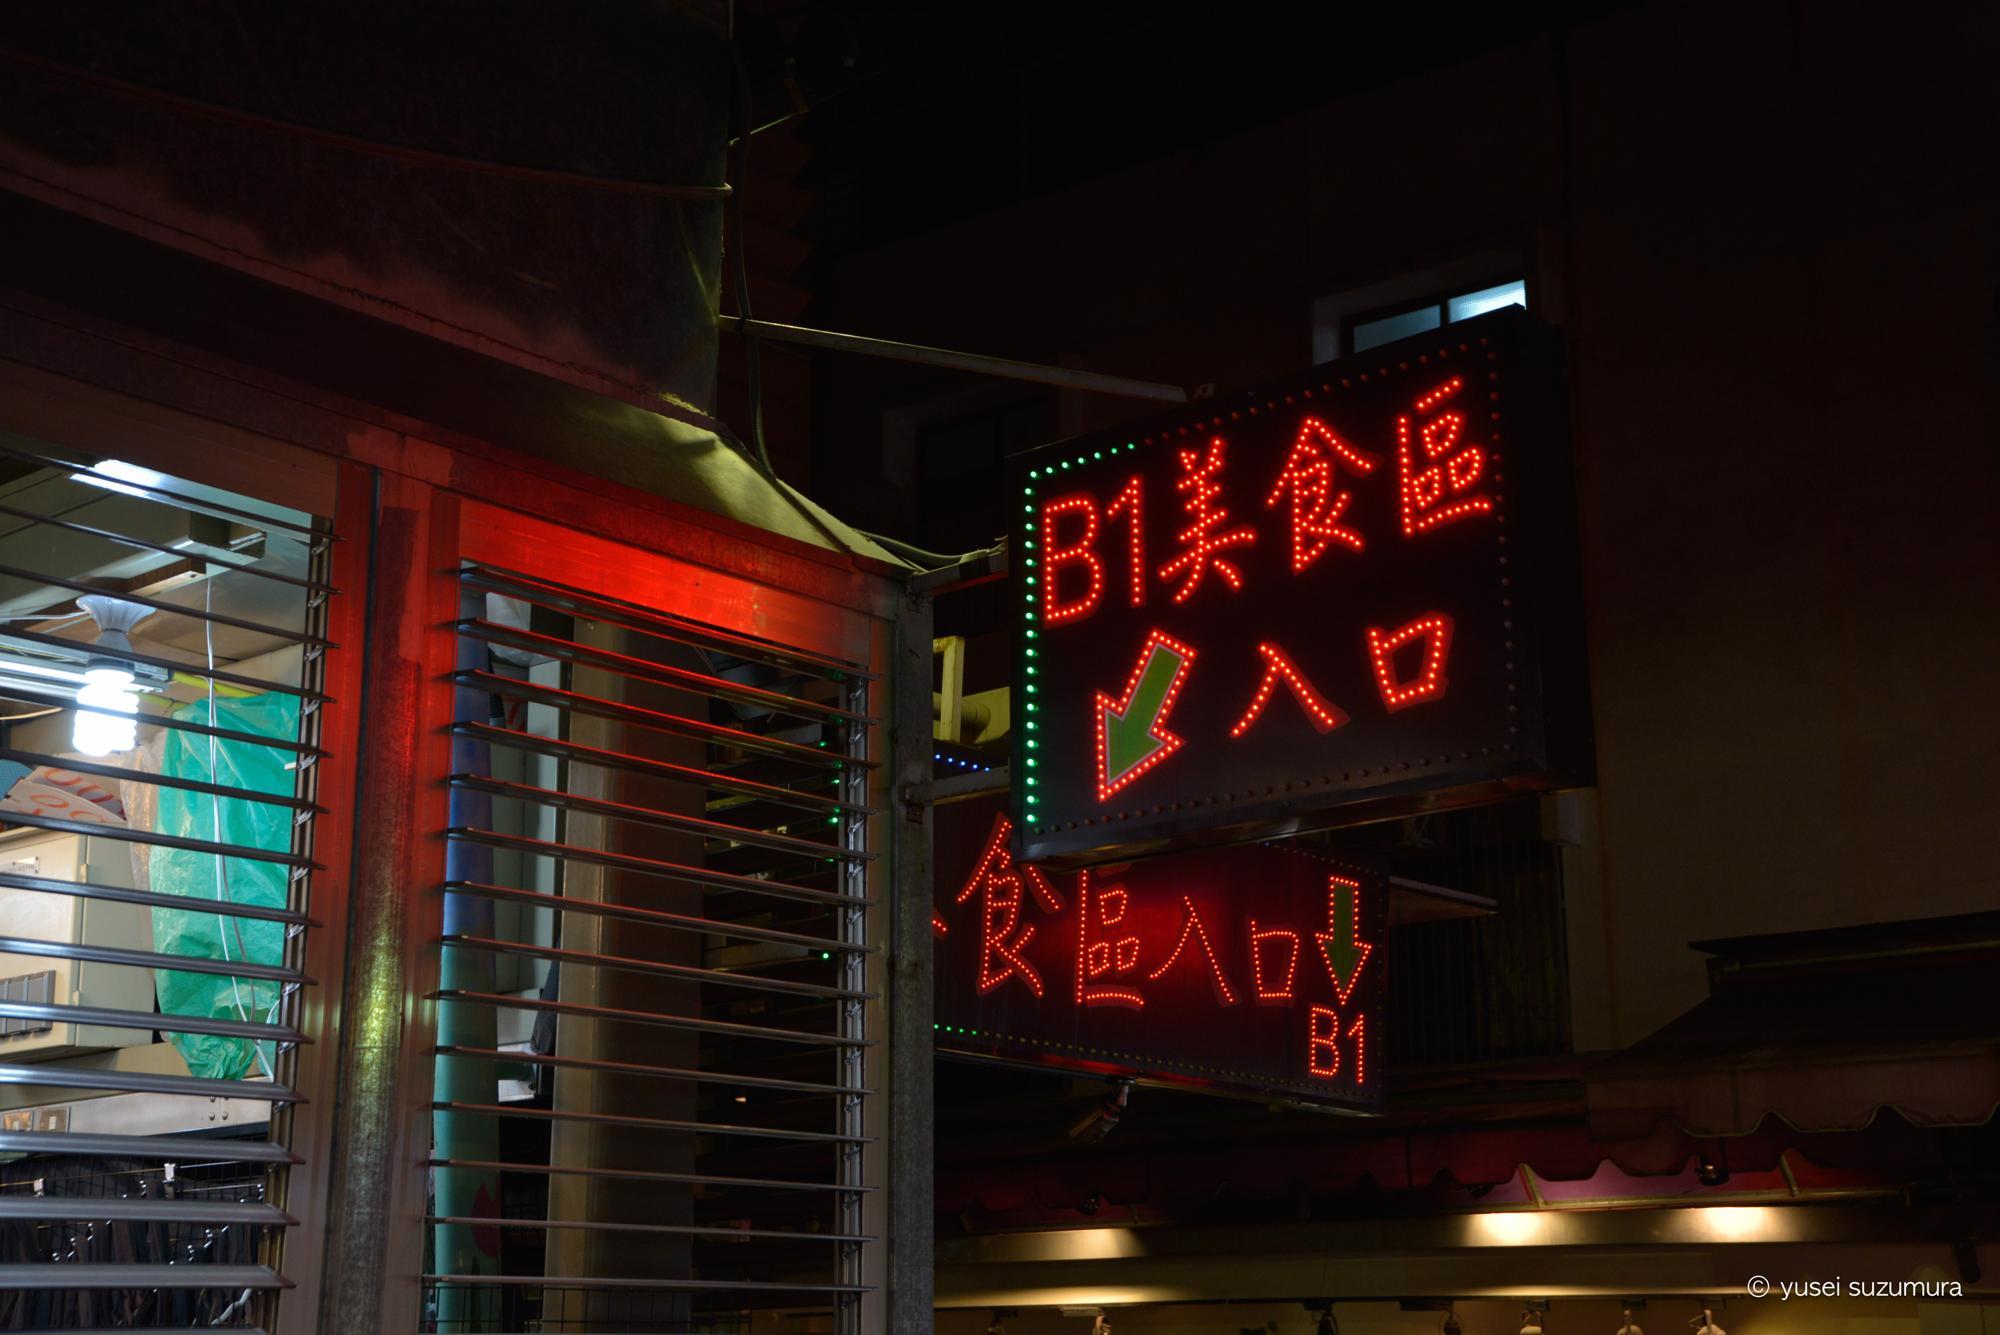 士林夜市 B1美食街